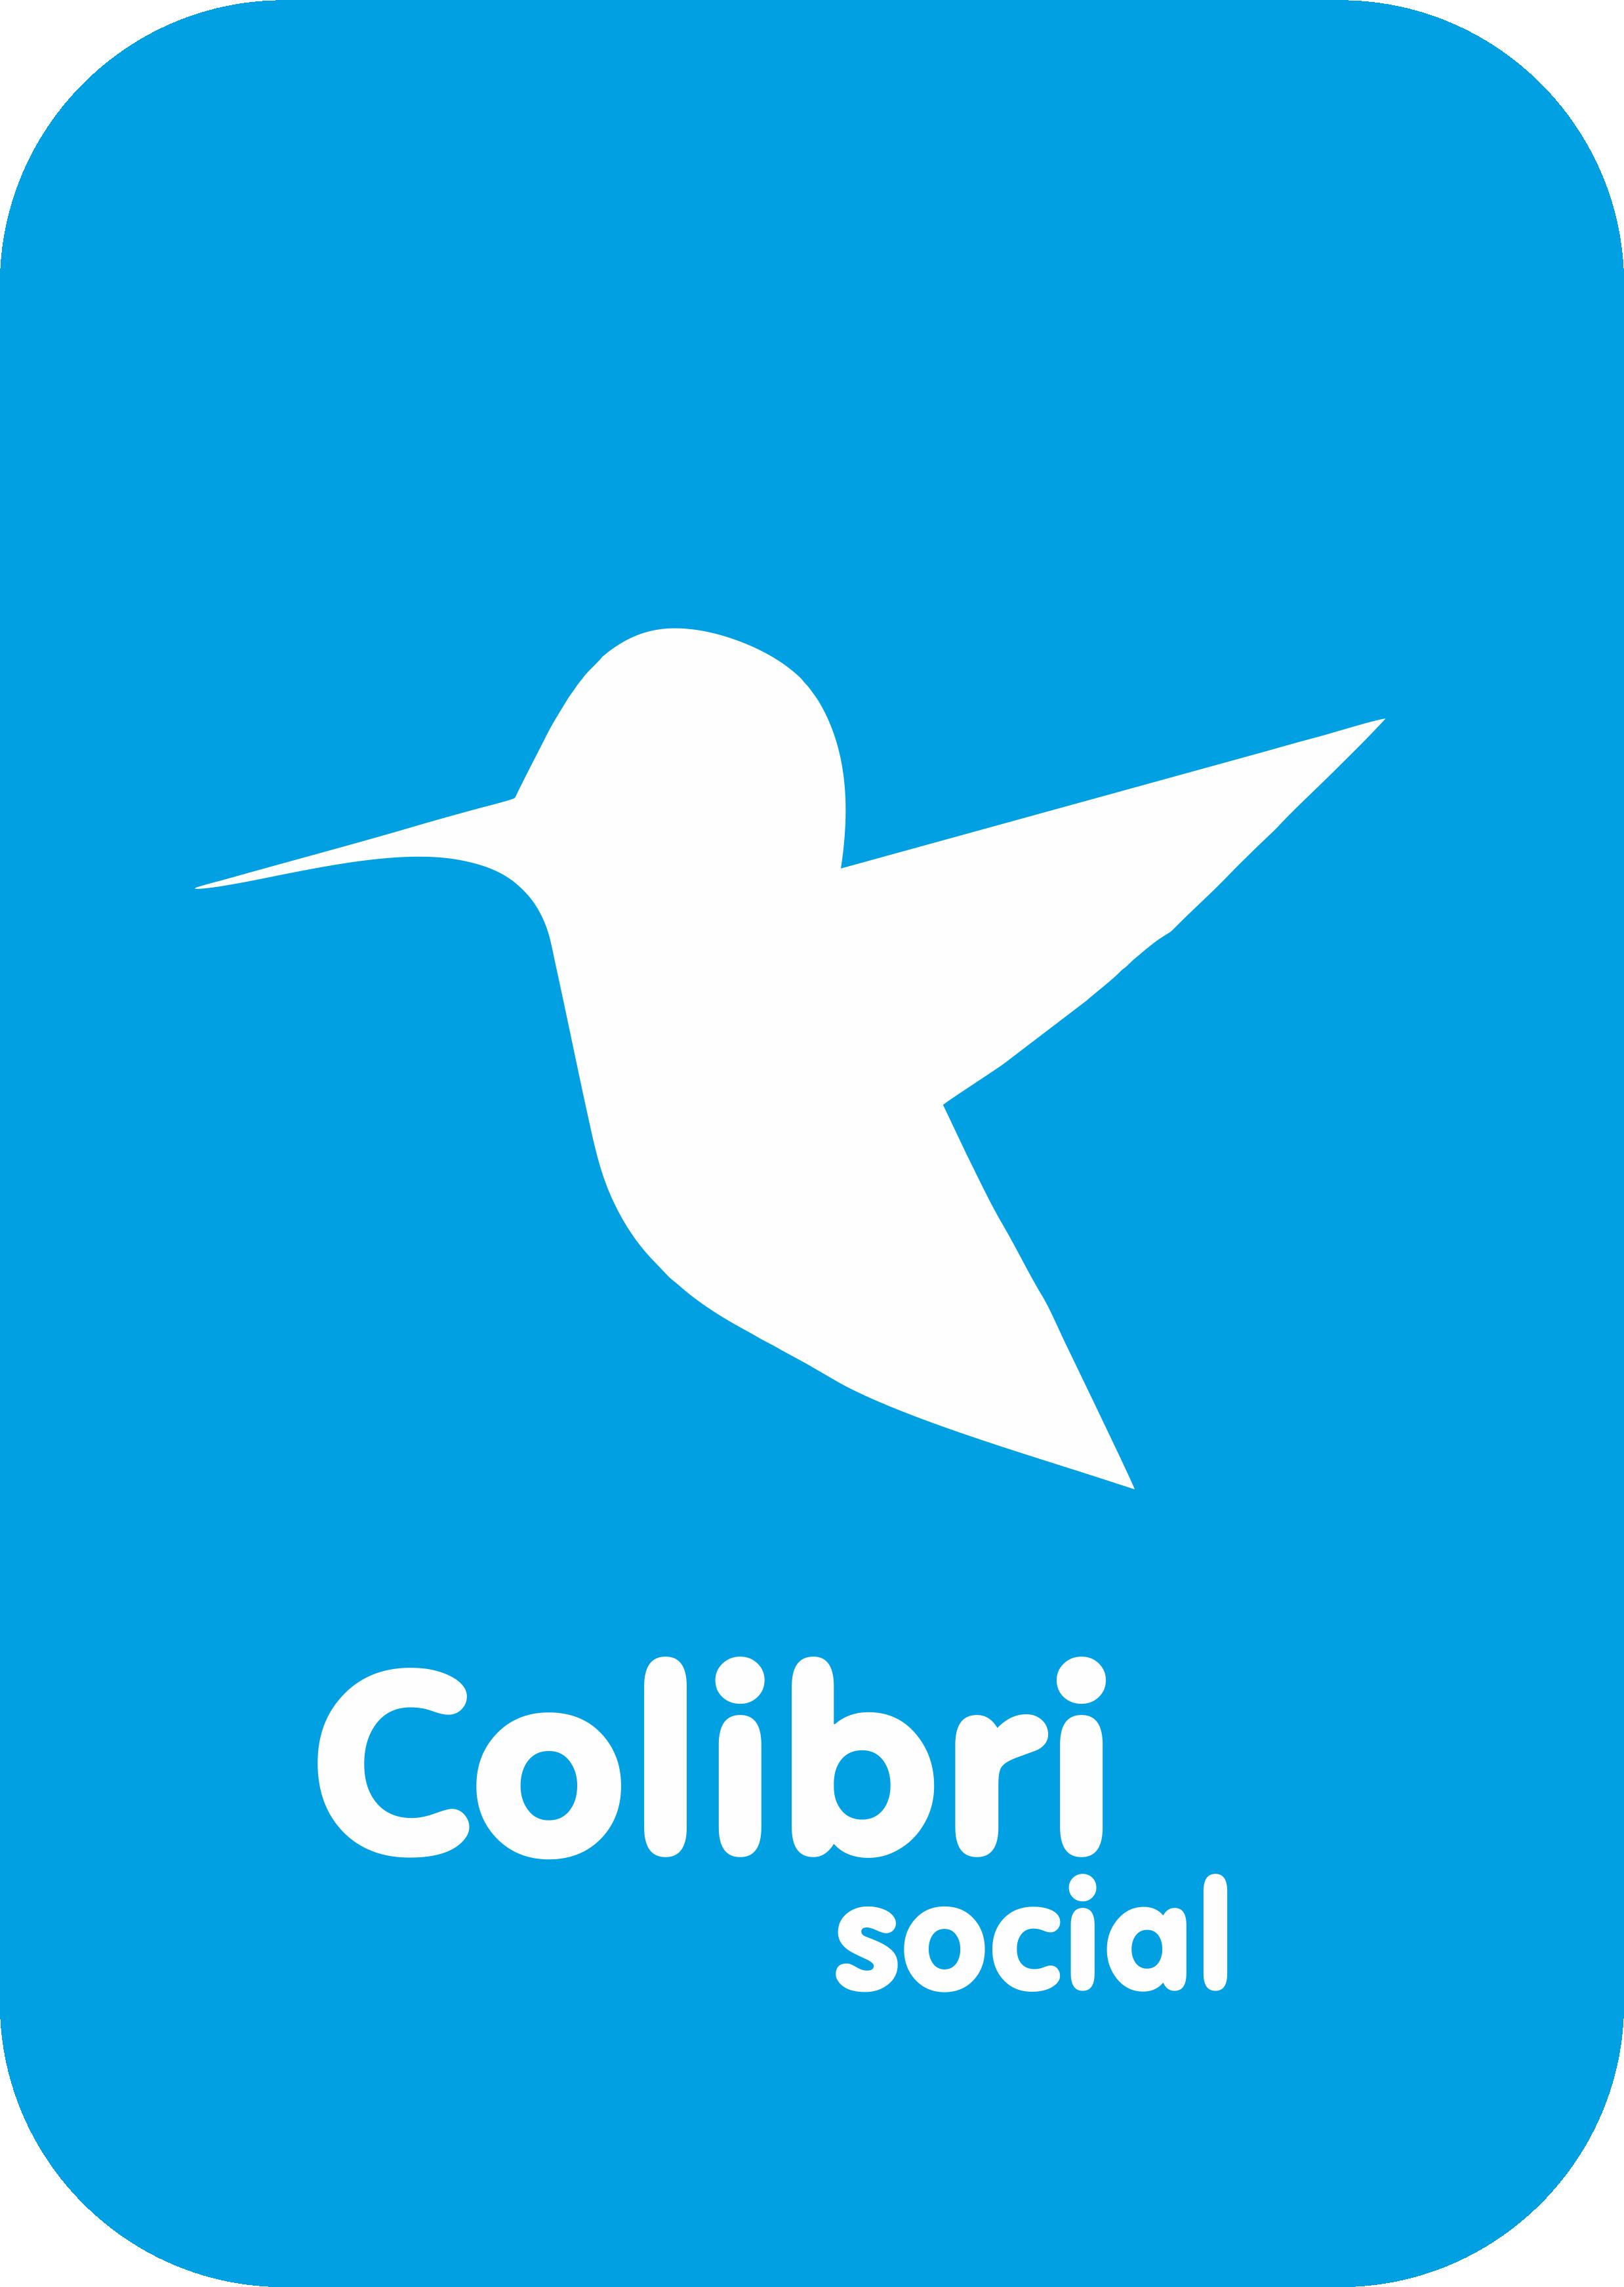 Дизайнер, разработка логотипа компании фото f_15855808201bd19a.png